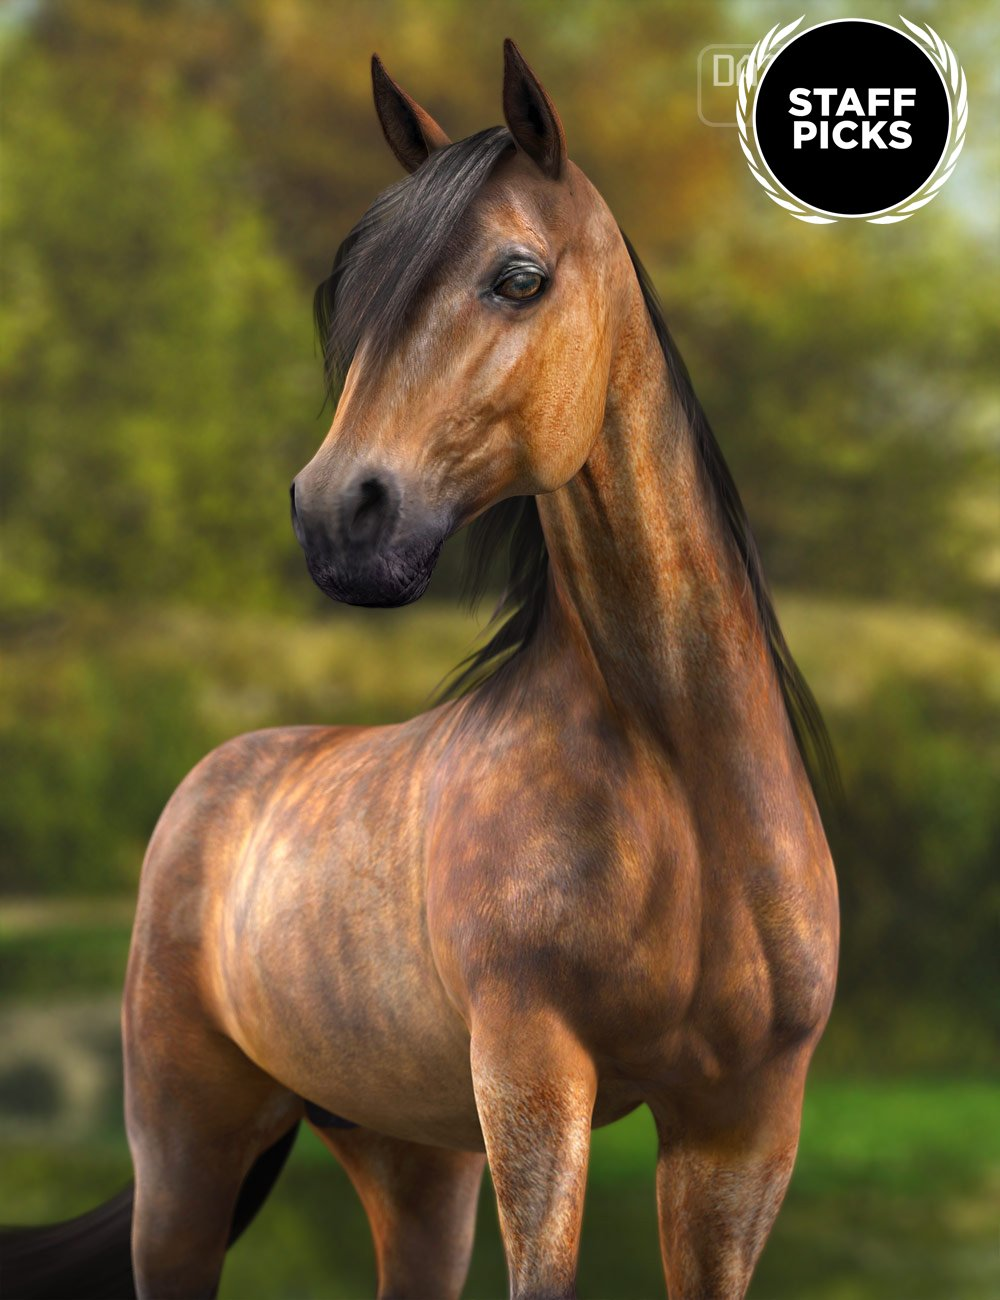 DAZ Horse 2 by: , 3D Models by Daz 3D